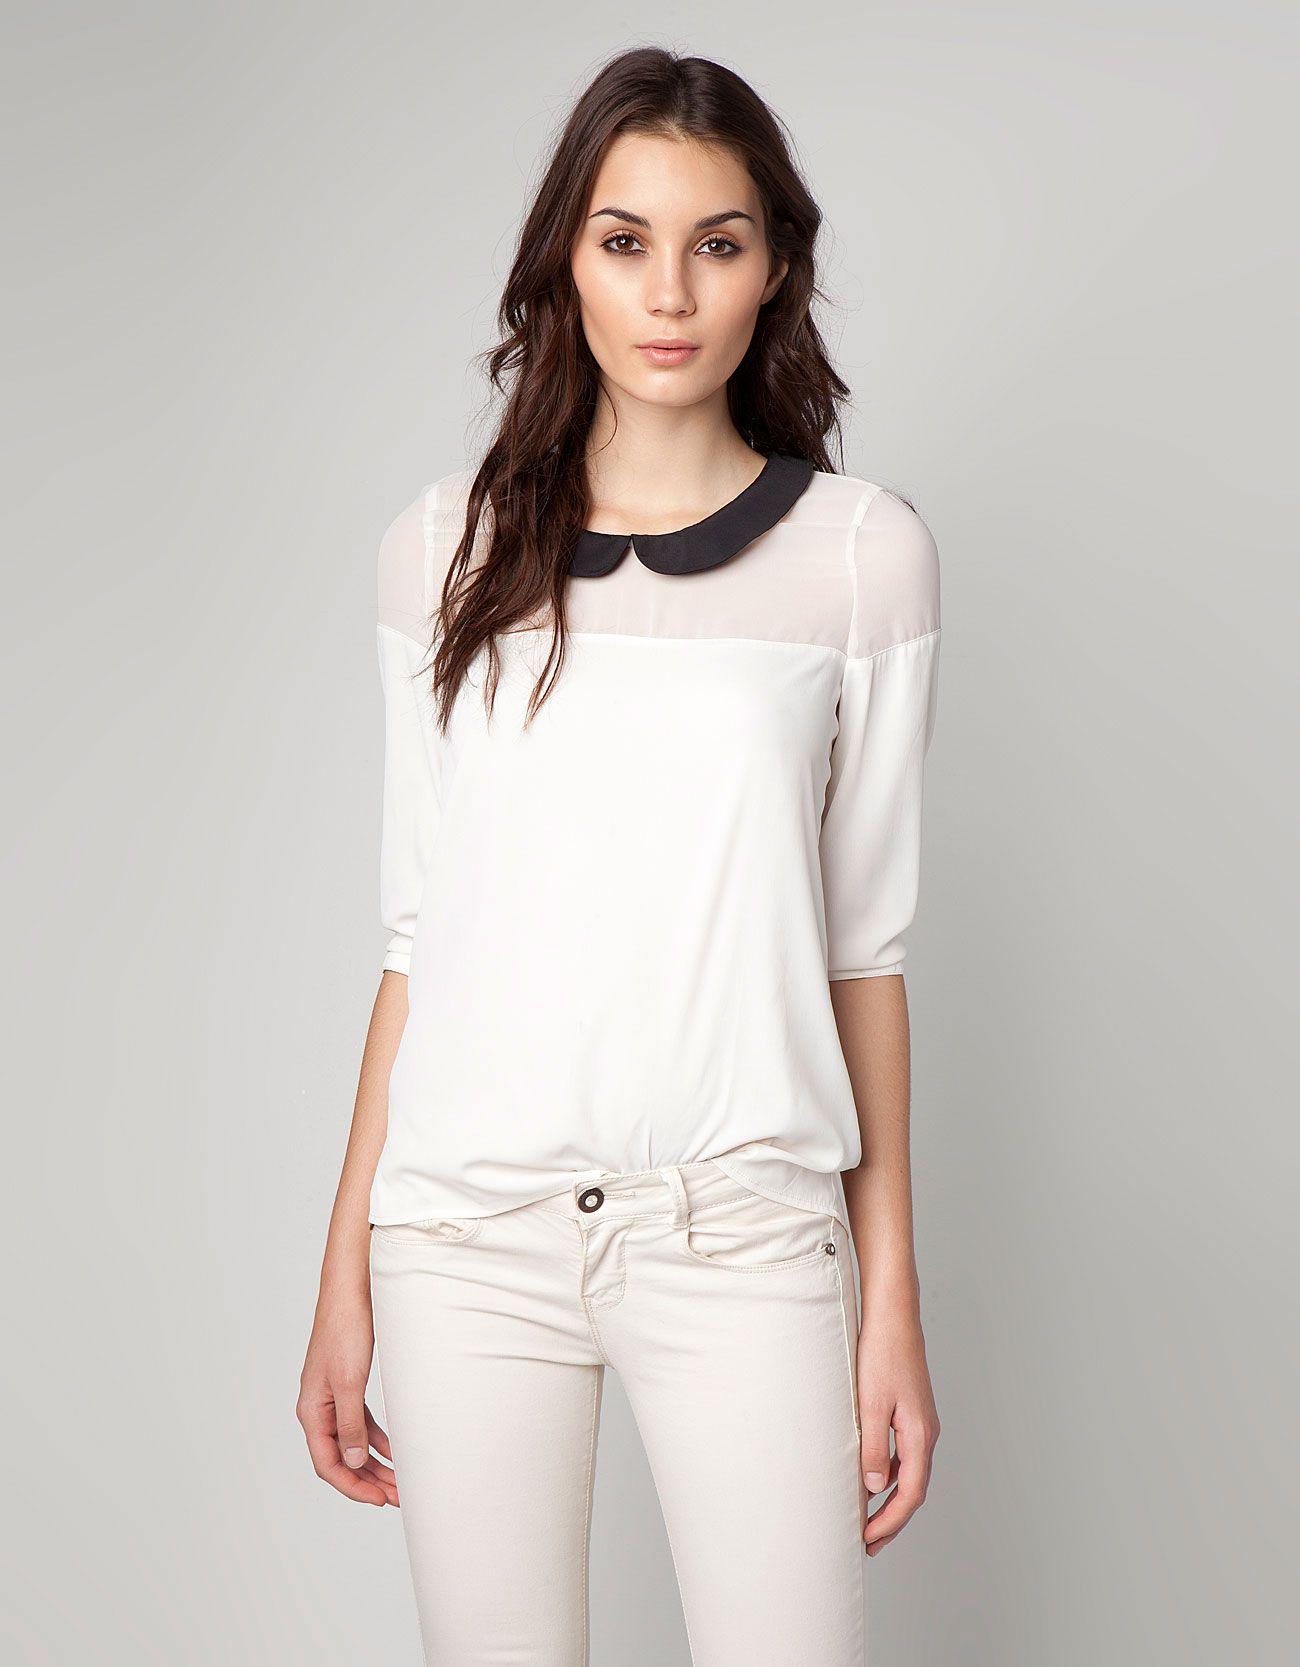 ae599dc51aa4 Bershka Slovakia - Bershka neck detail blouse